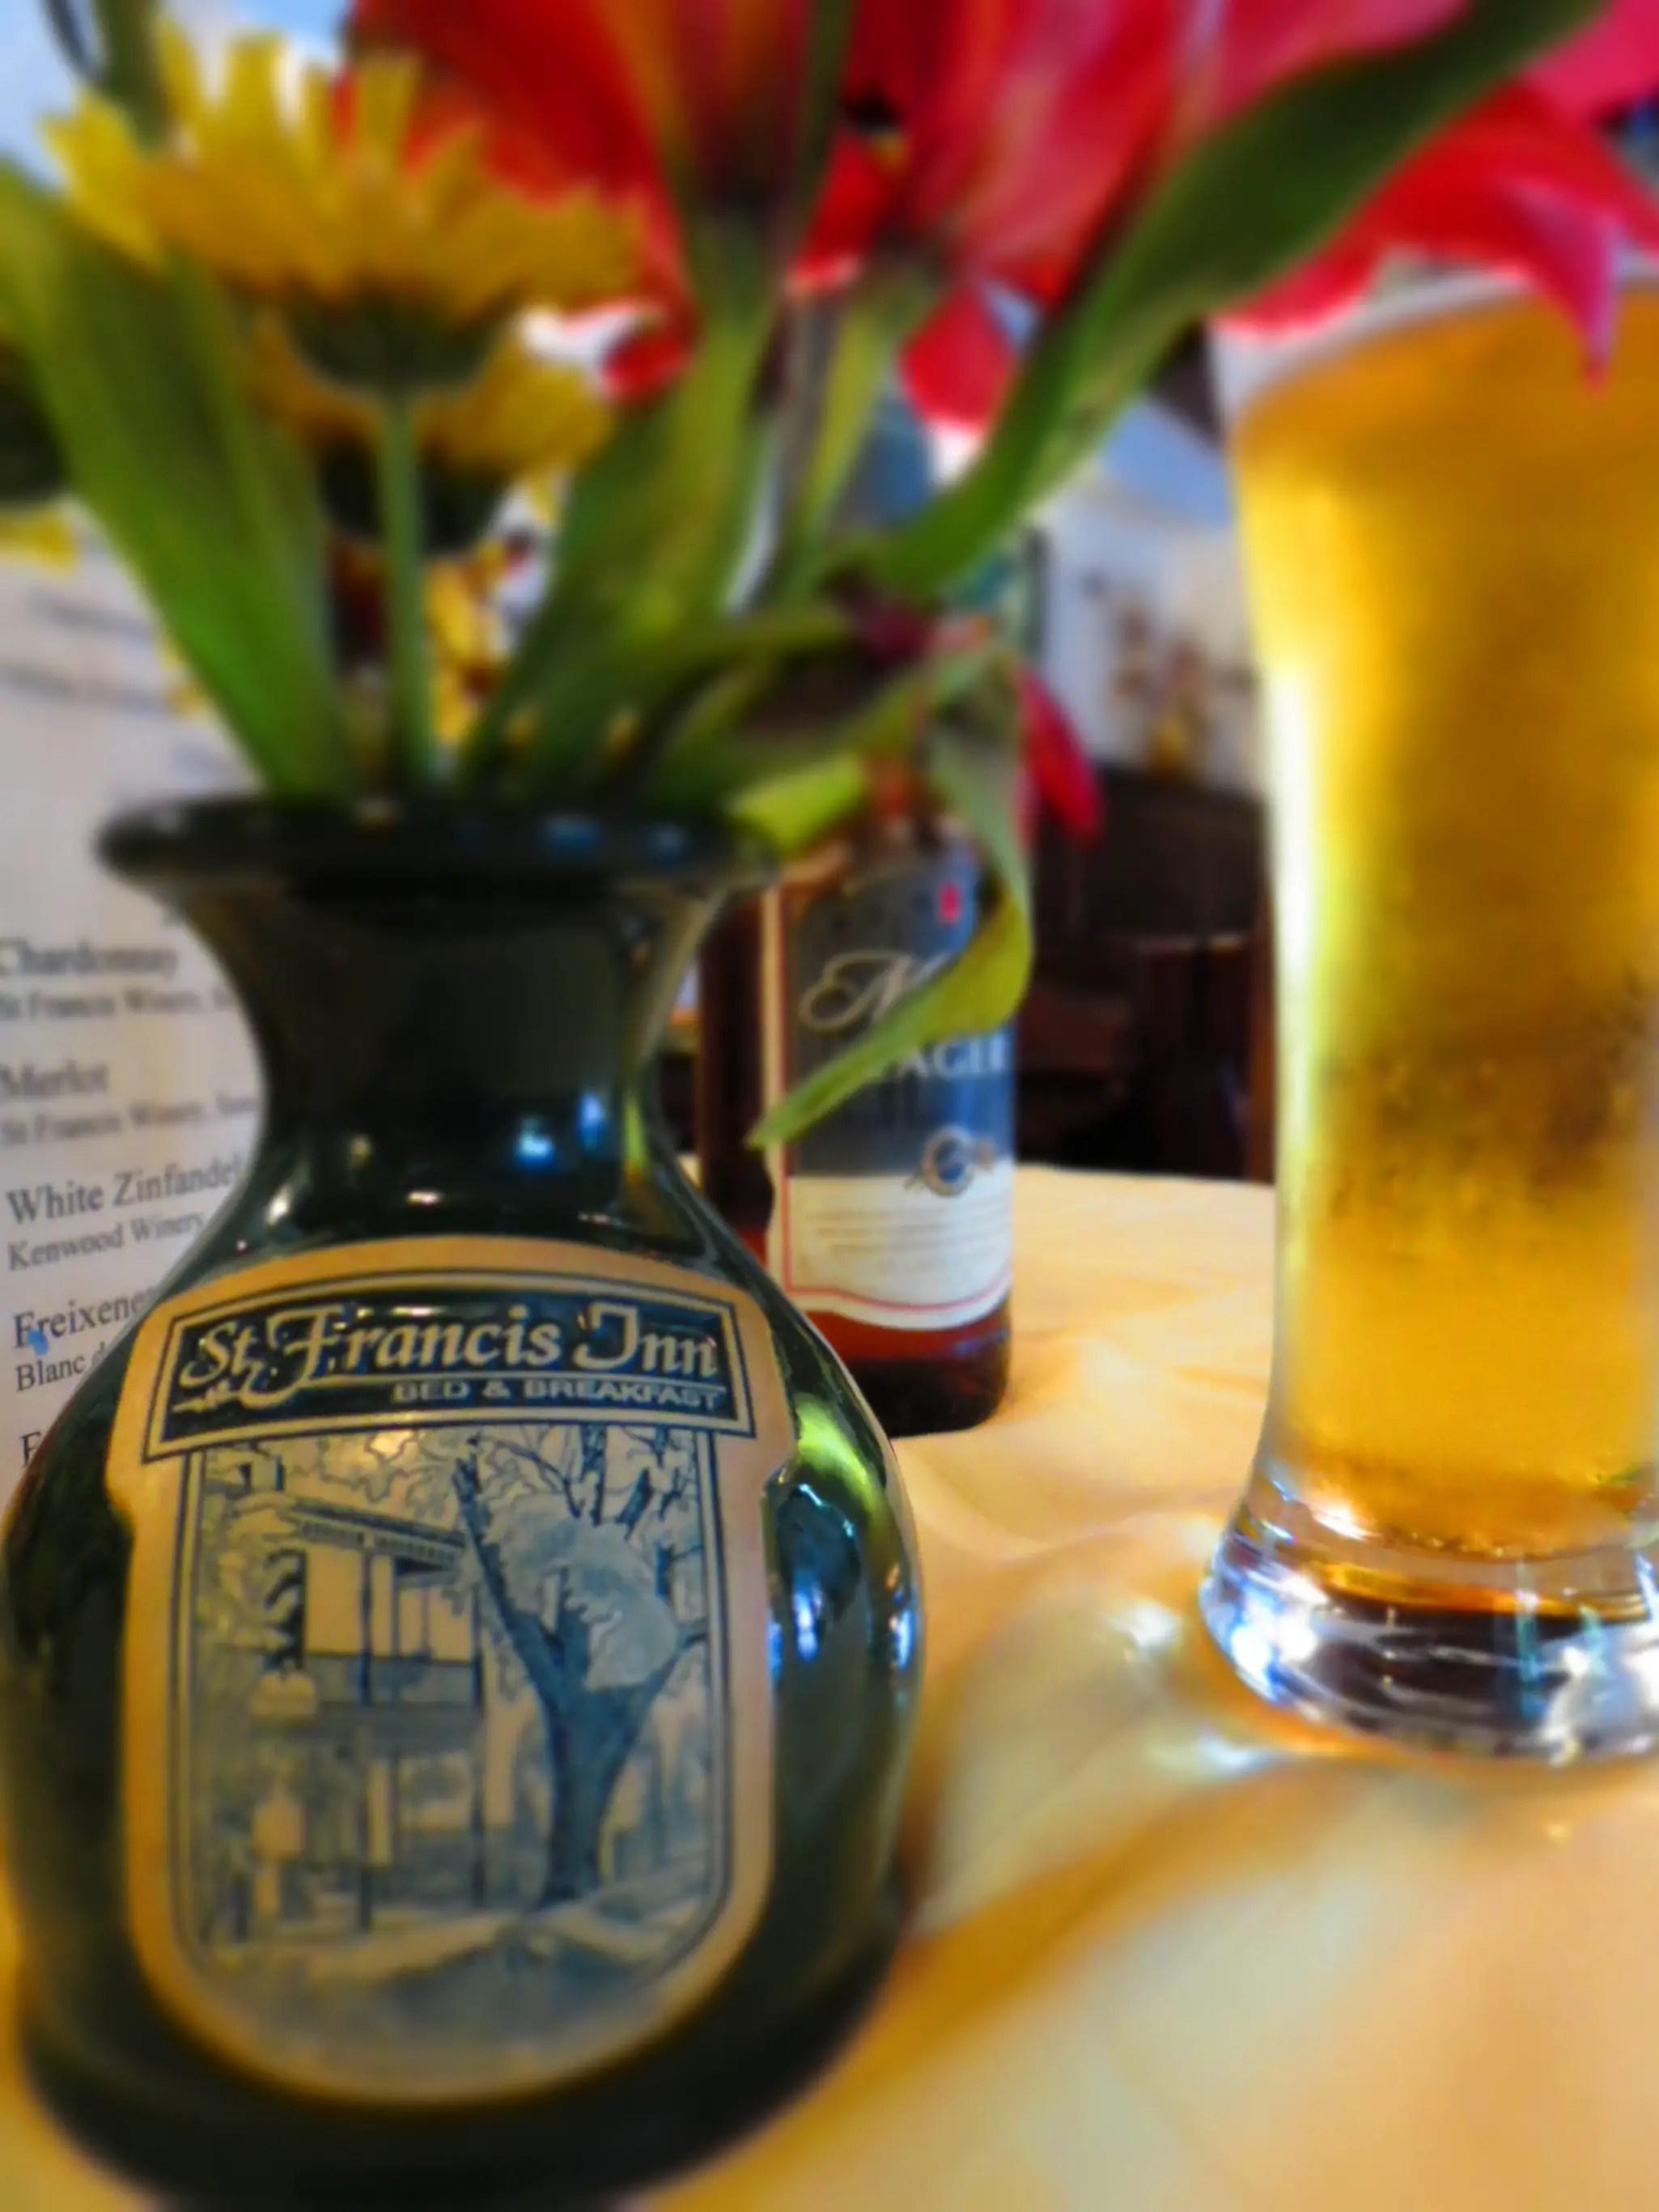 st francis inn tablescape